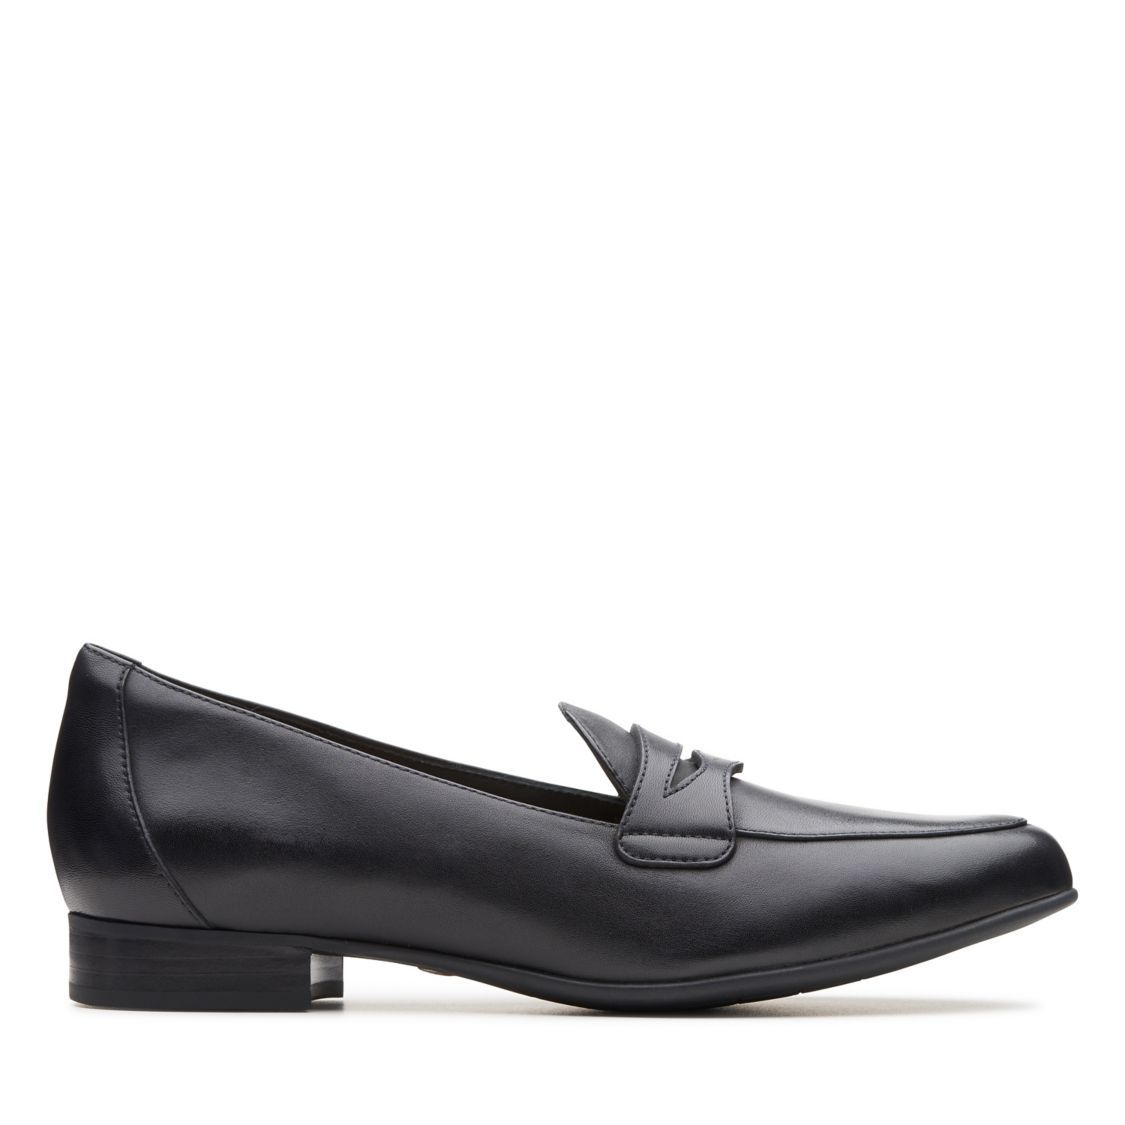 Un Blush Go Black Leather Clarks Shoes Official Site Clarks Black Shoes Women Women Shoes Dress Shoes Womens [ 1125 x 1125 Pixel ]